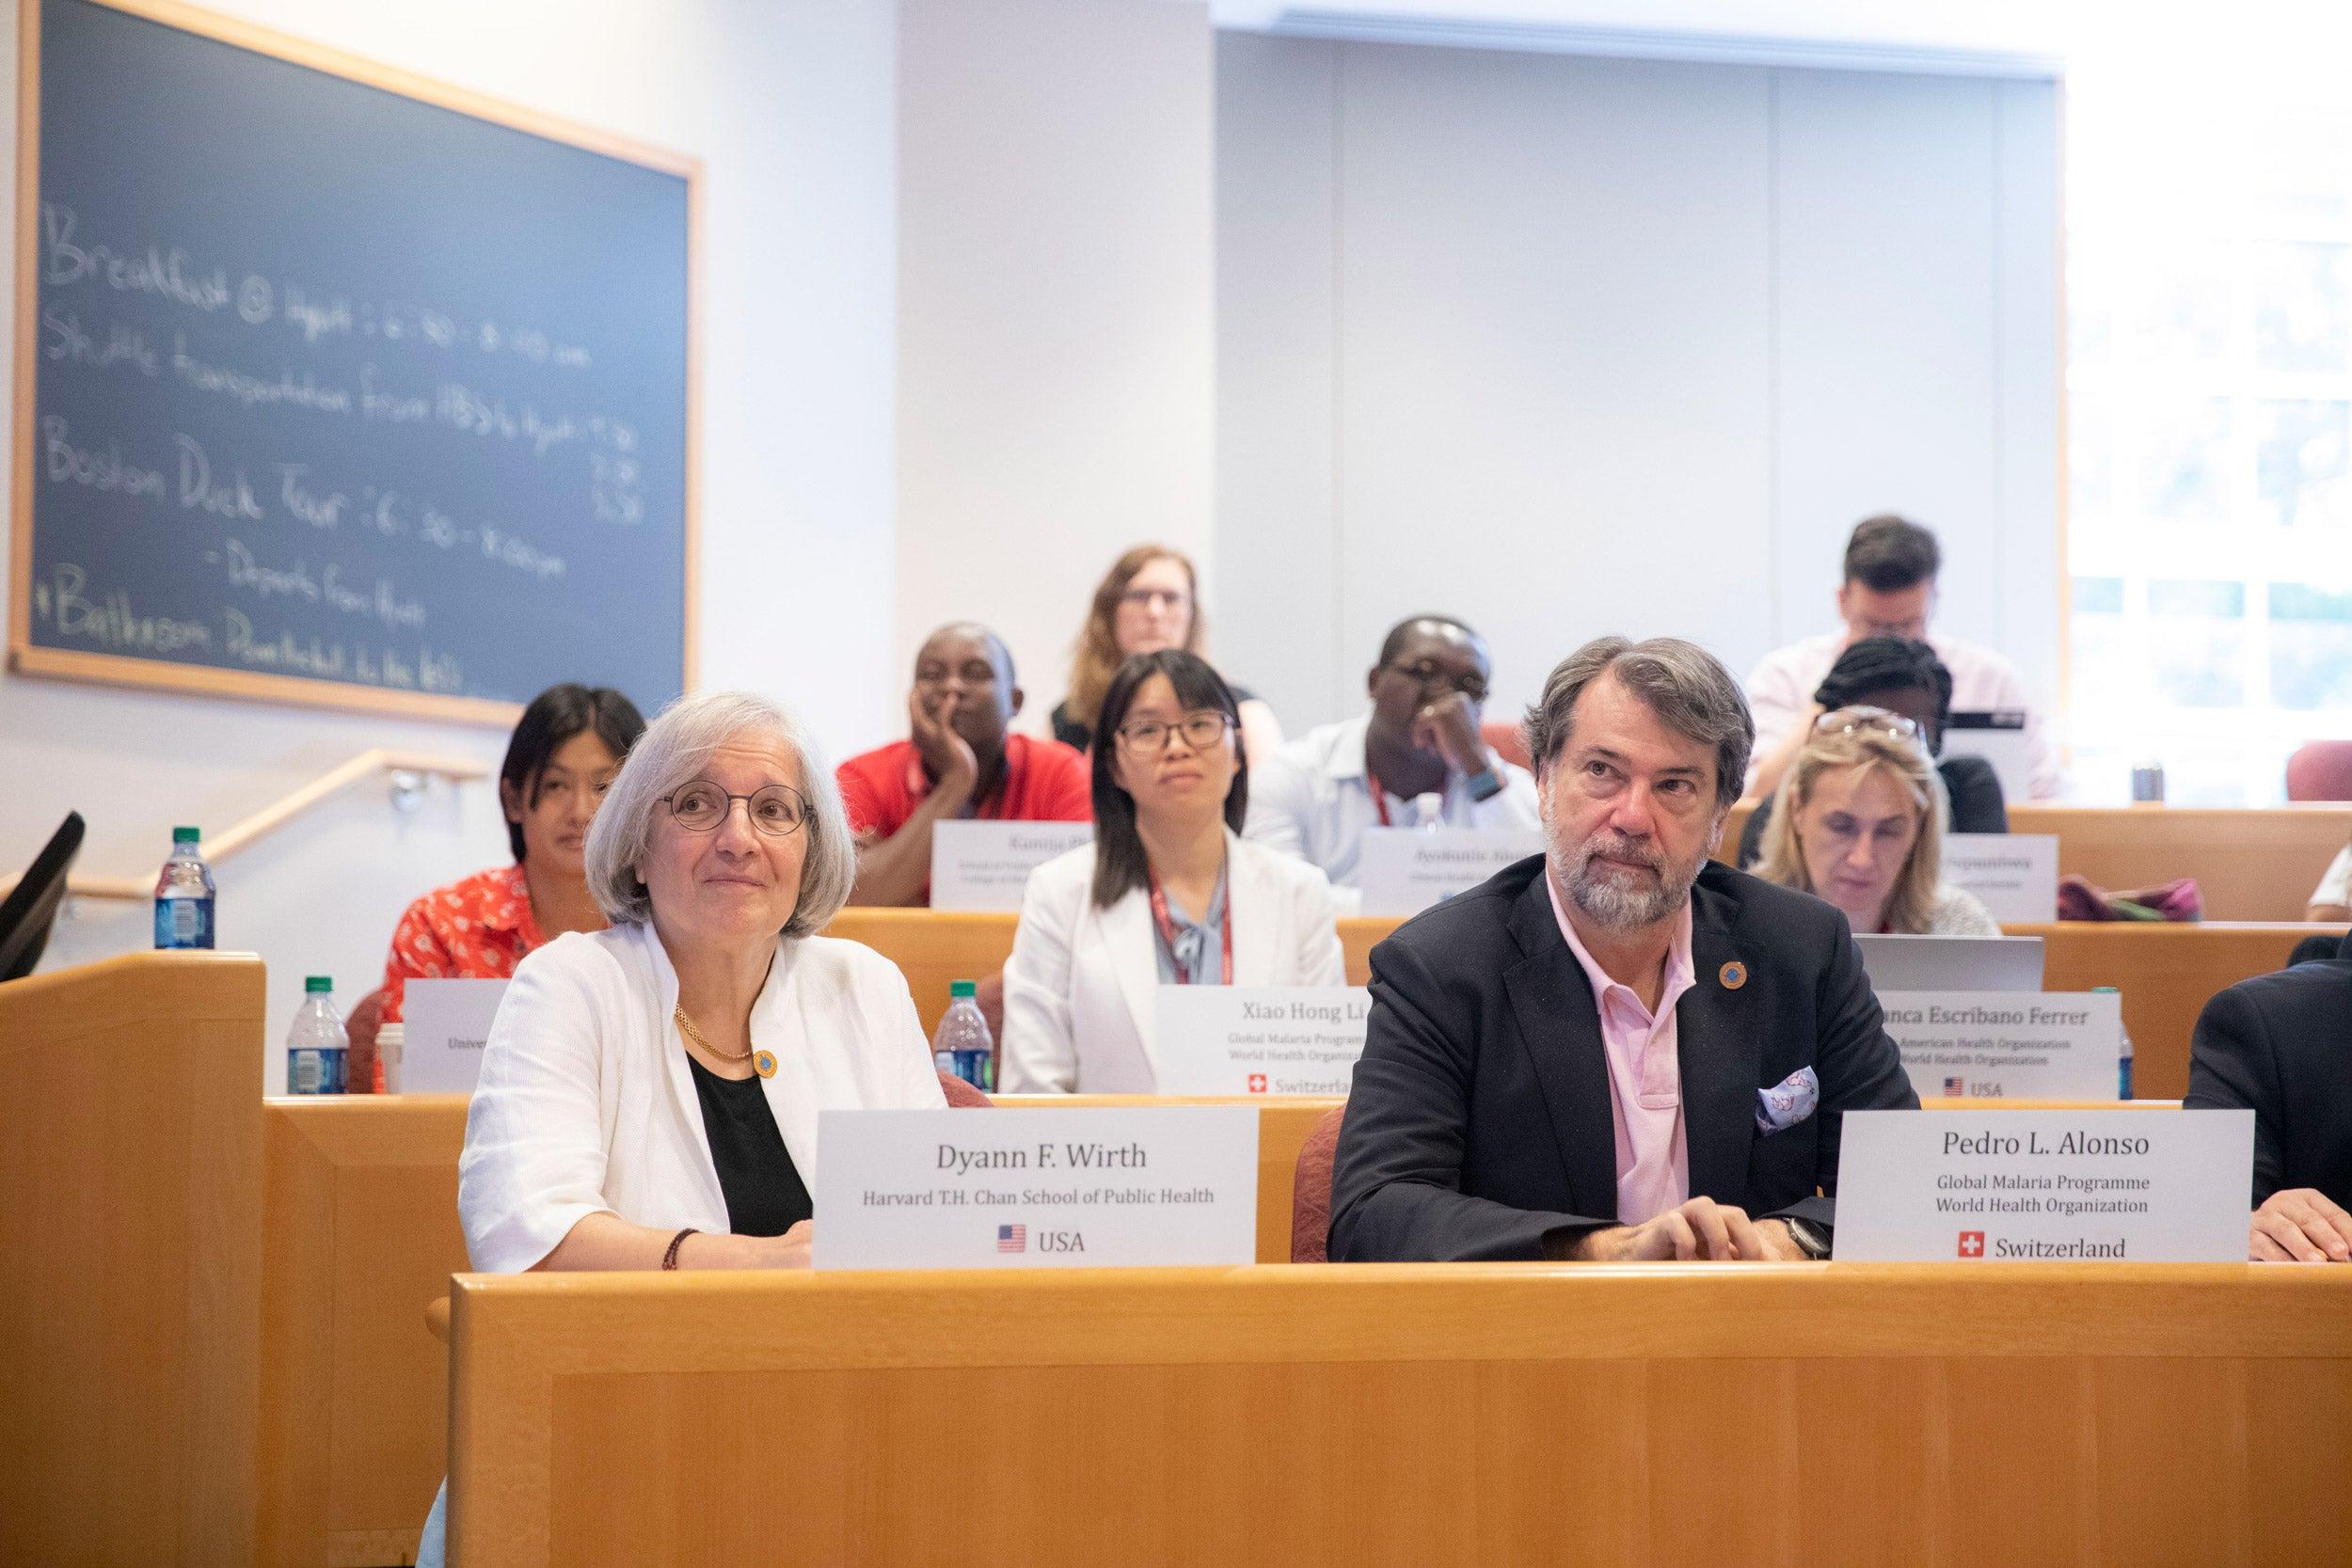 Malaria workshop at Harvard.